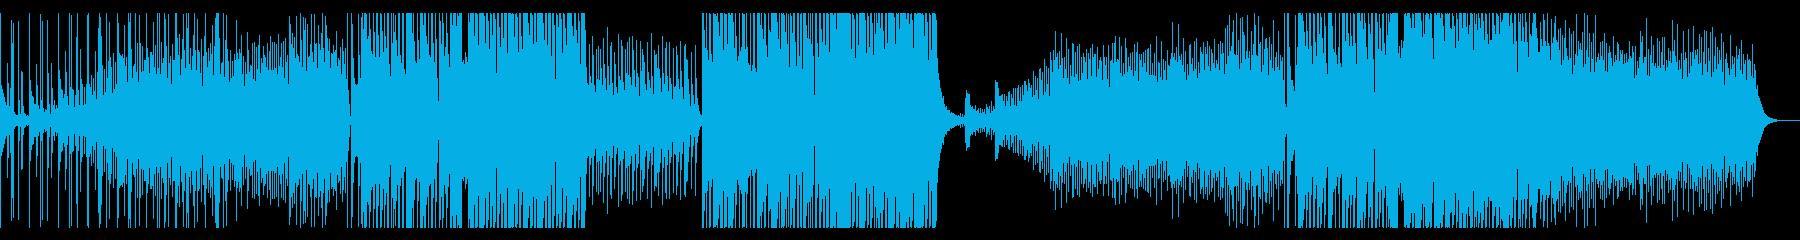 和風トラップトラック(三味線)の再生済みの波形